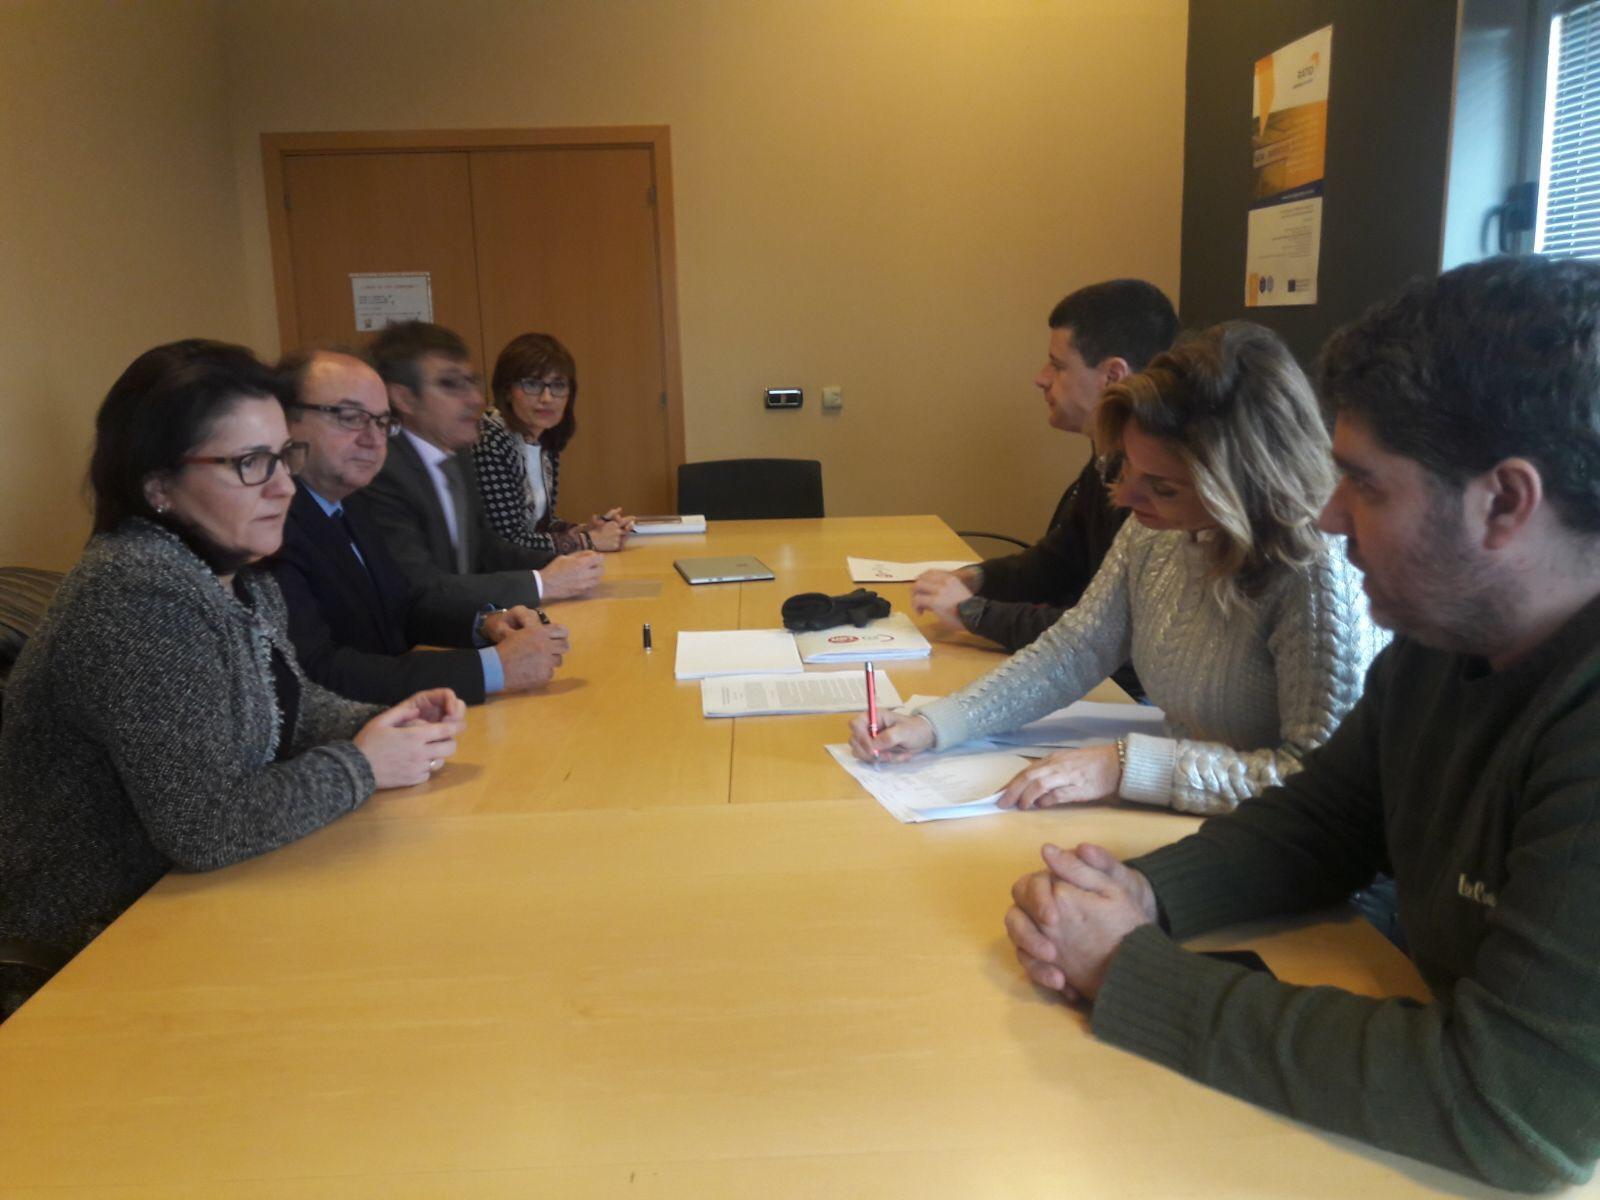 Ceoe zaragoza firmado el convenio de oficinas y despachos for Convenio colectivo oficinas y despachos pontevedra